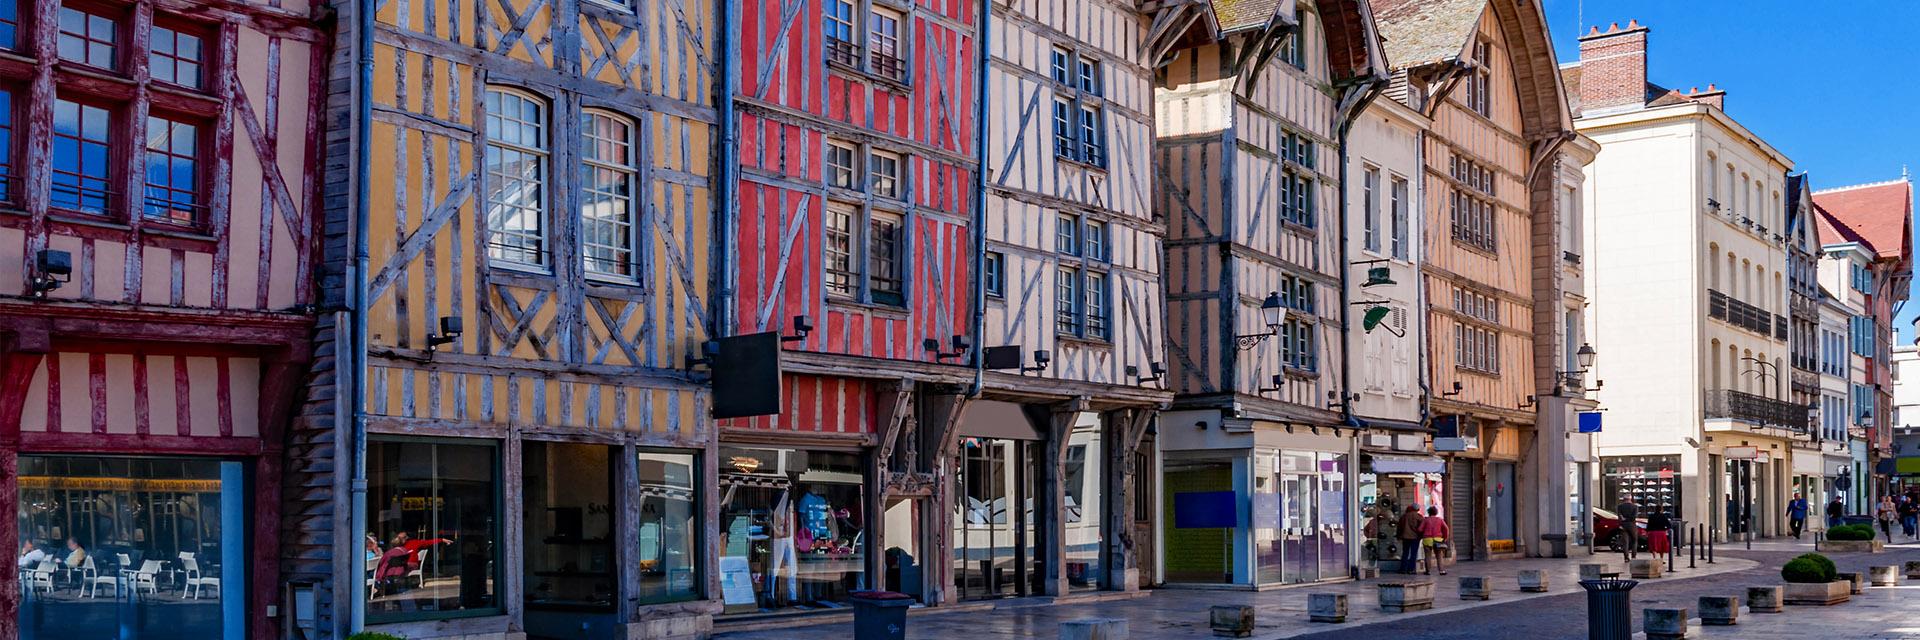 Village-vacance-cap-france-hotel-club-du-lac-orient-troyes